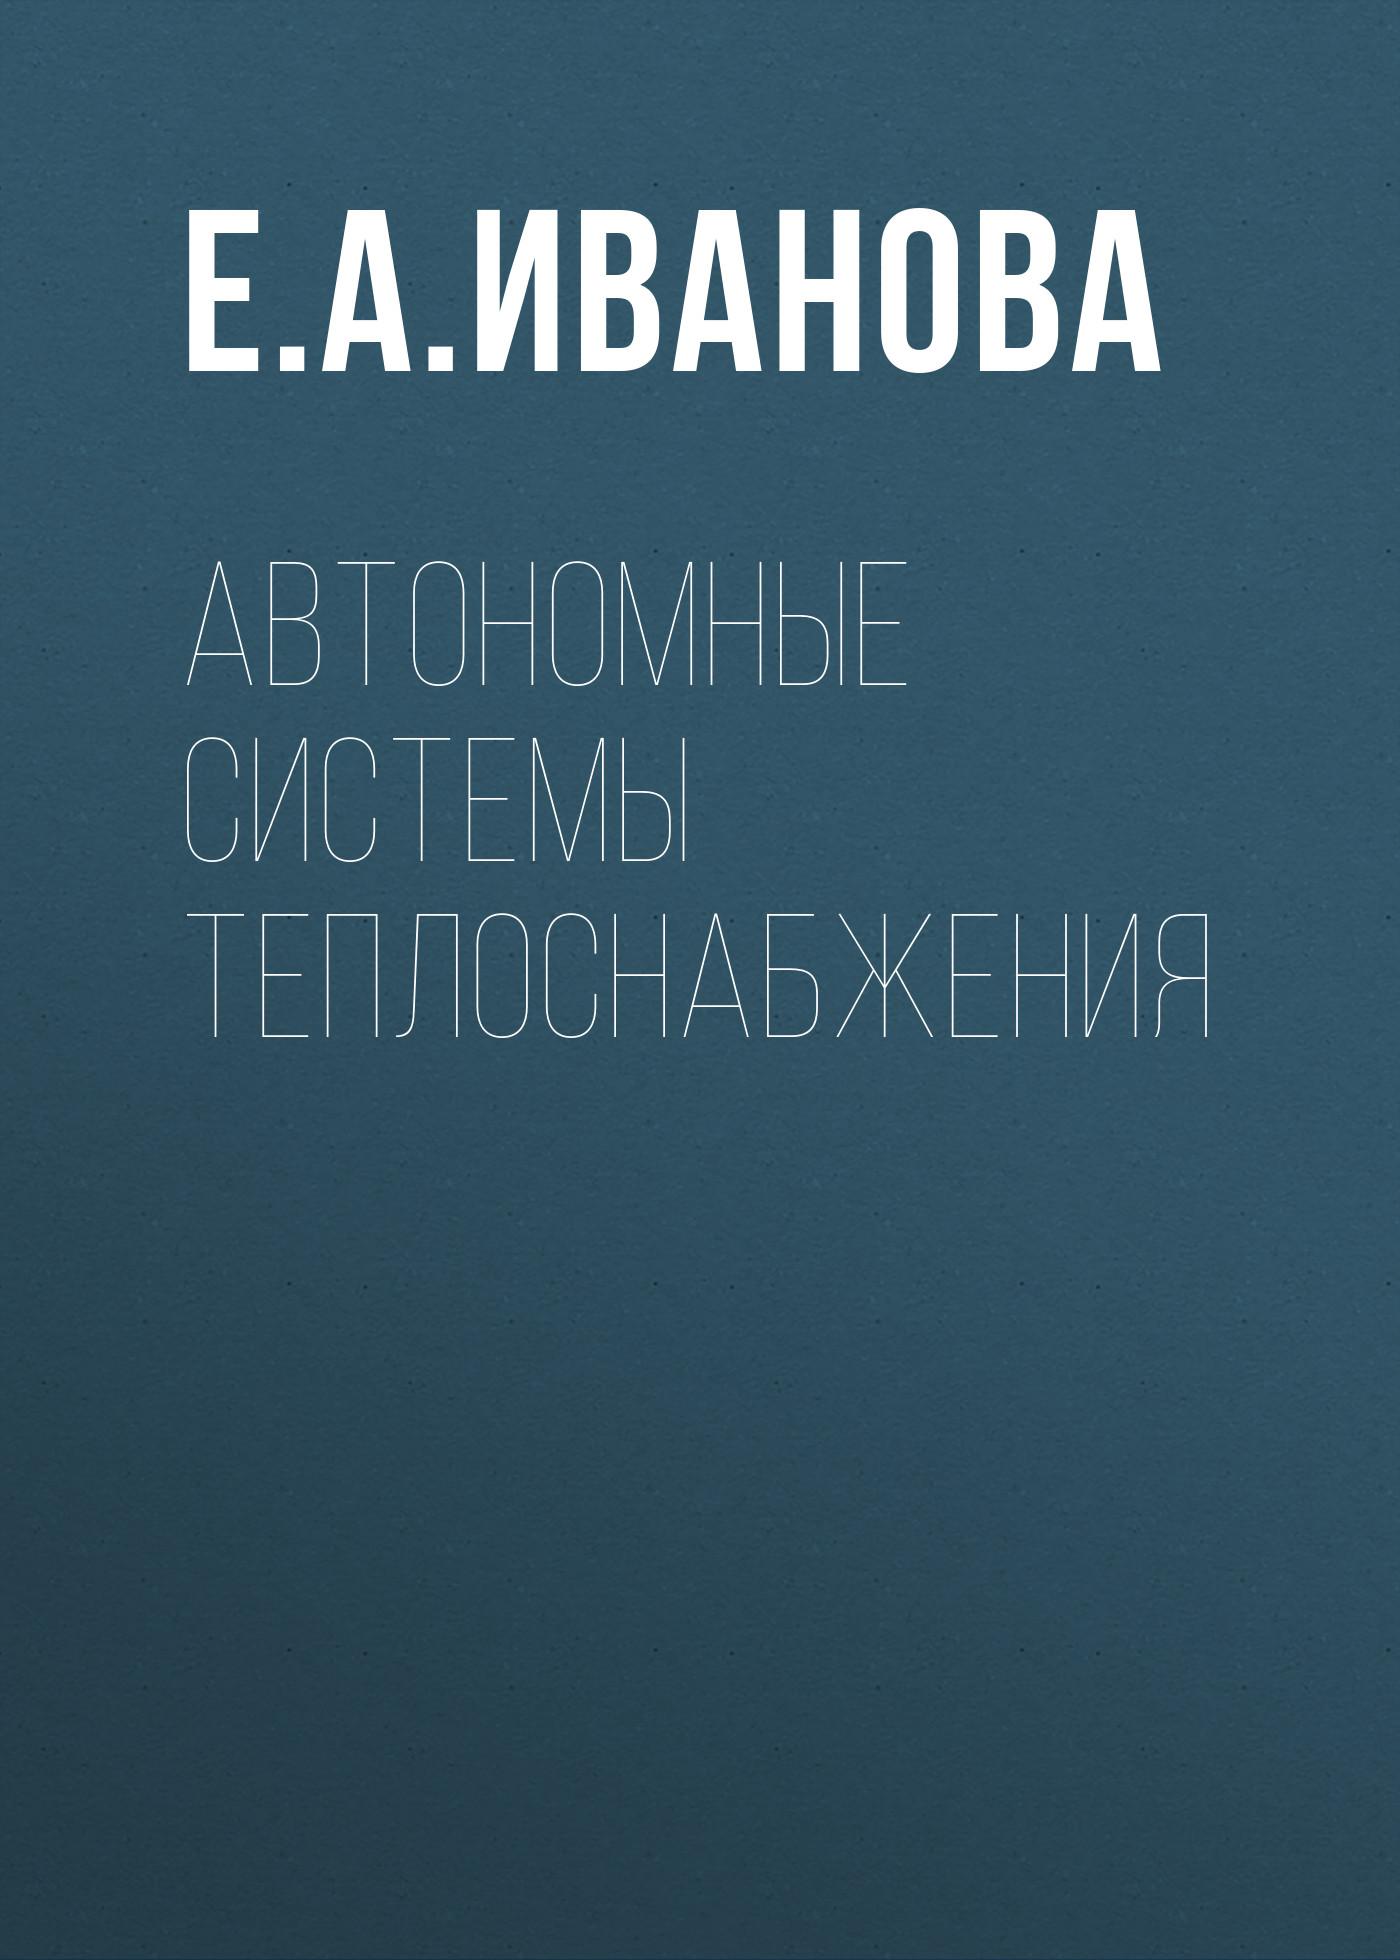 цена Е. А. Иванова Автономные системы теплоснабжения